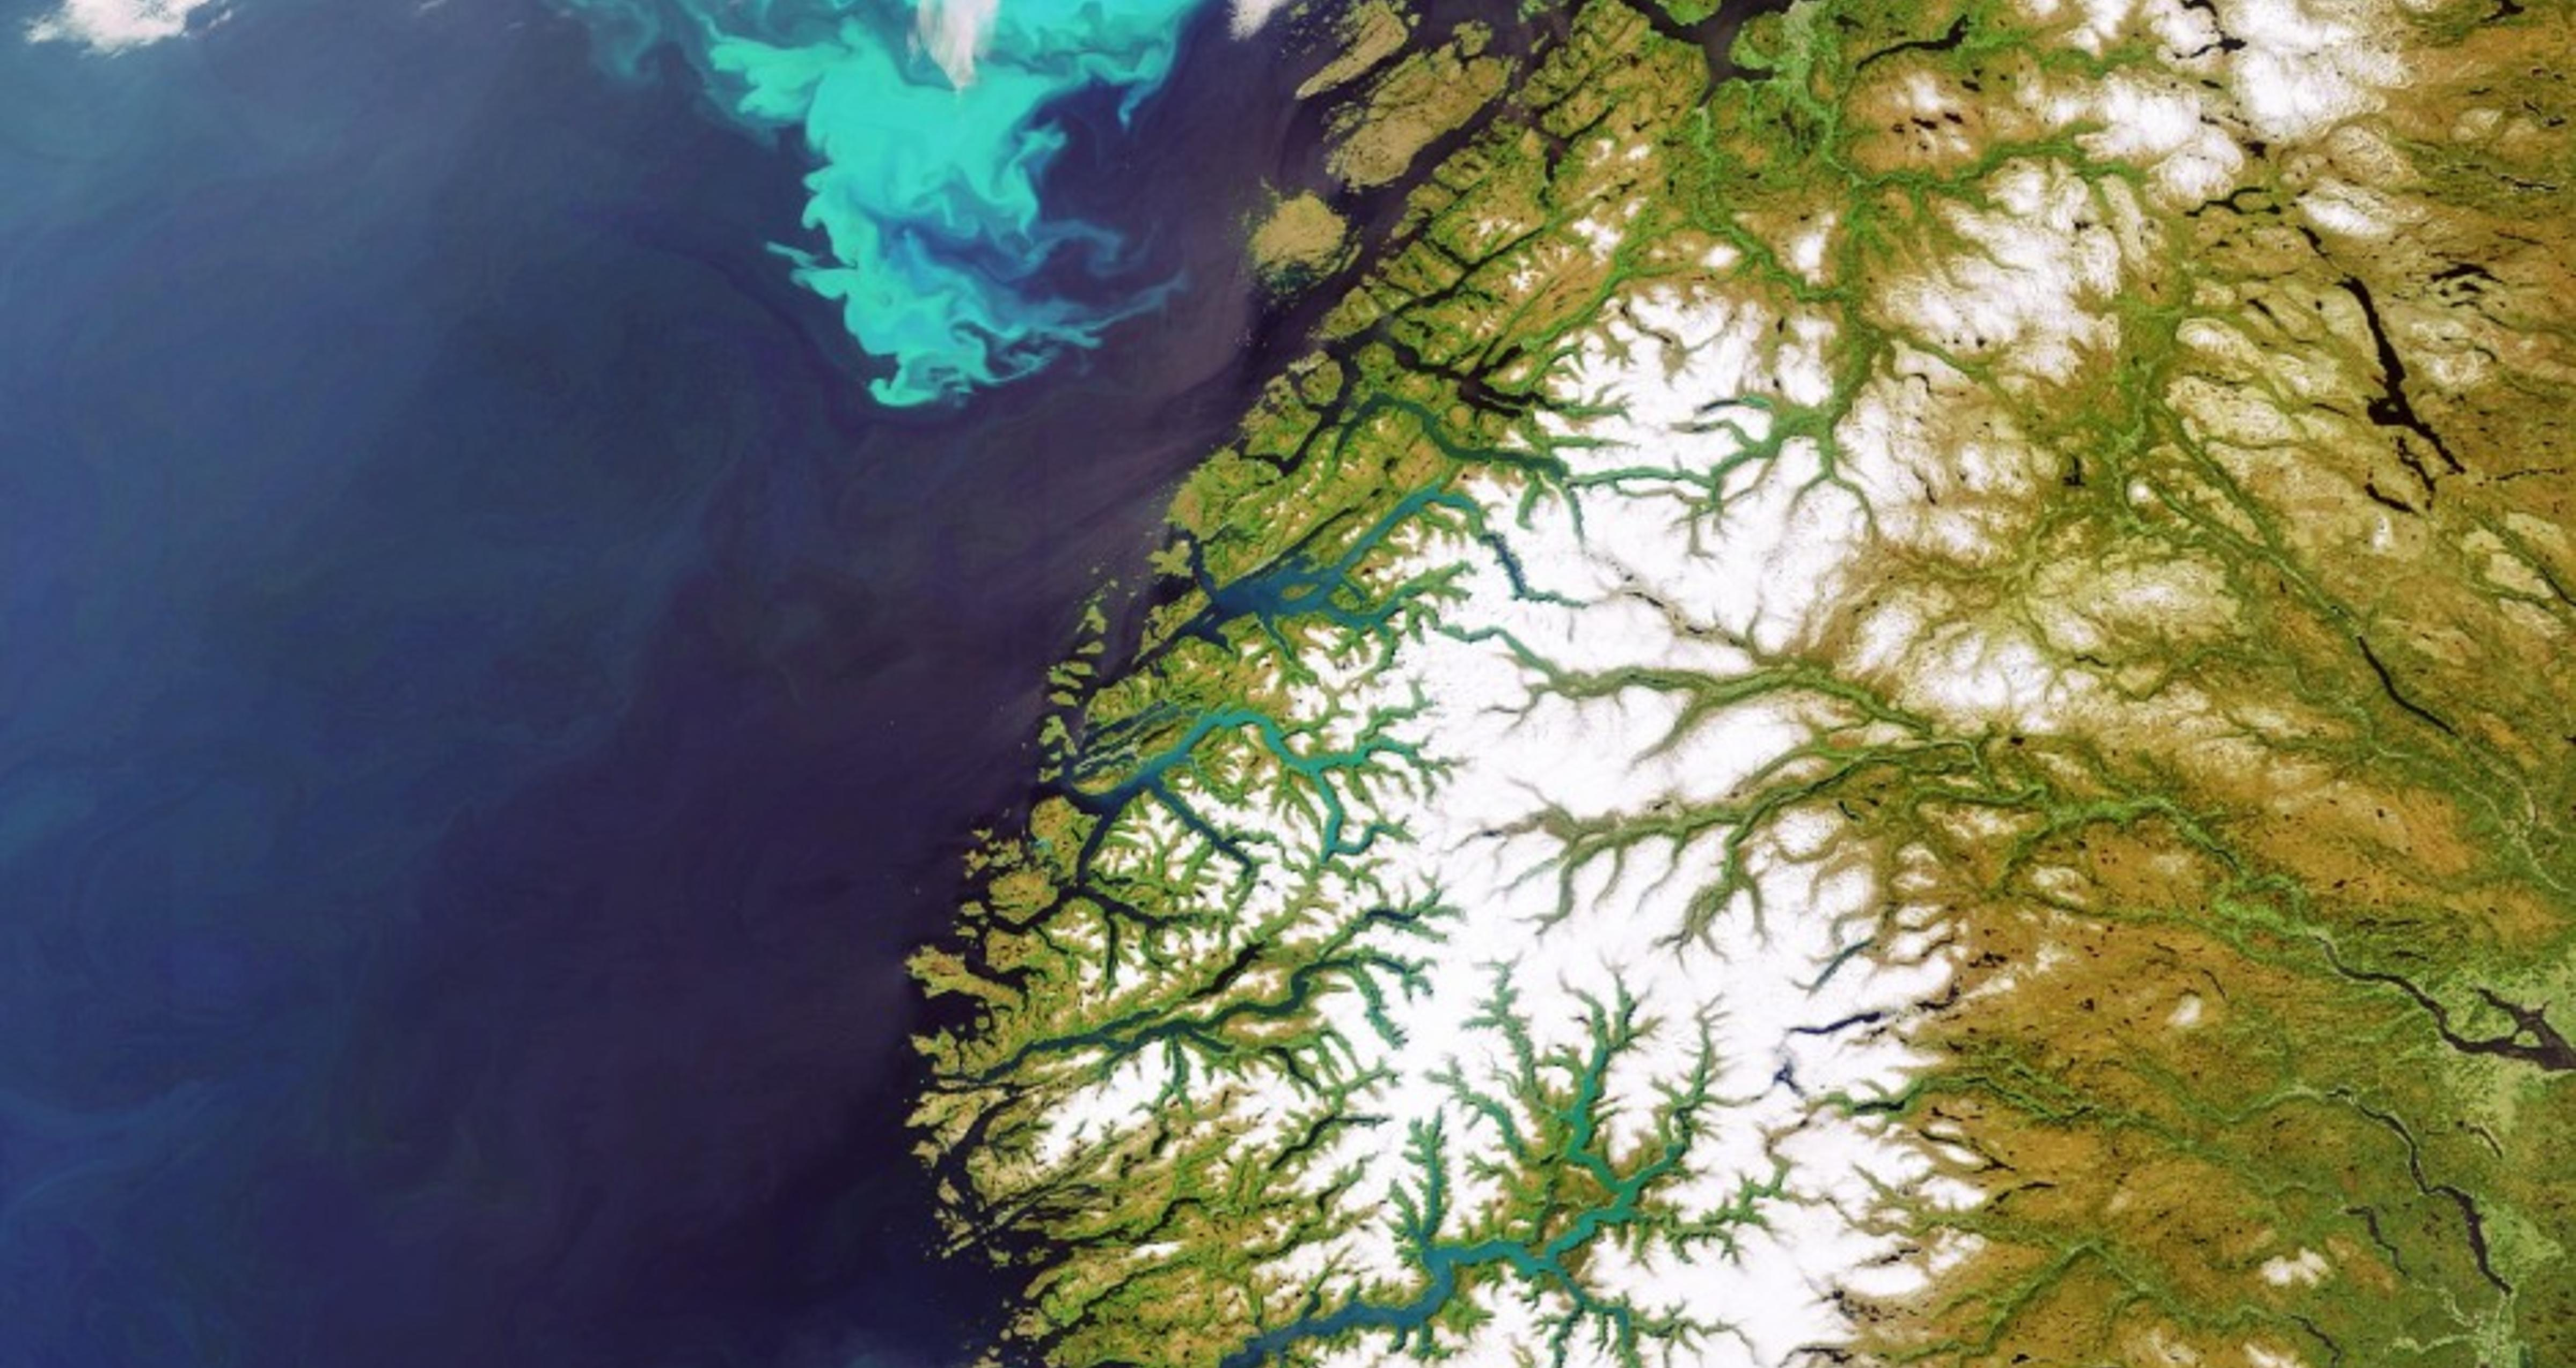 Planktonblomstring i Atlanteren